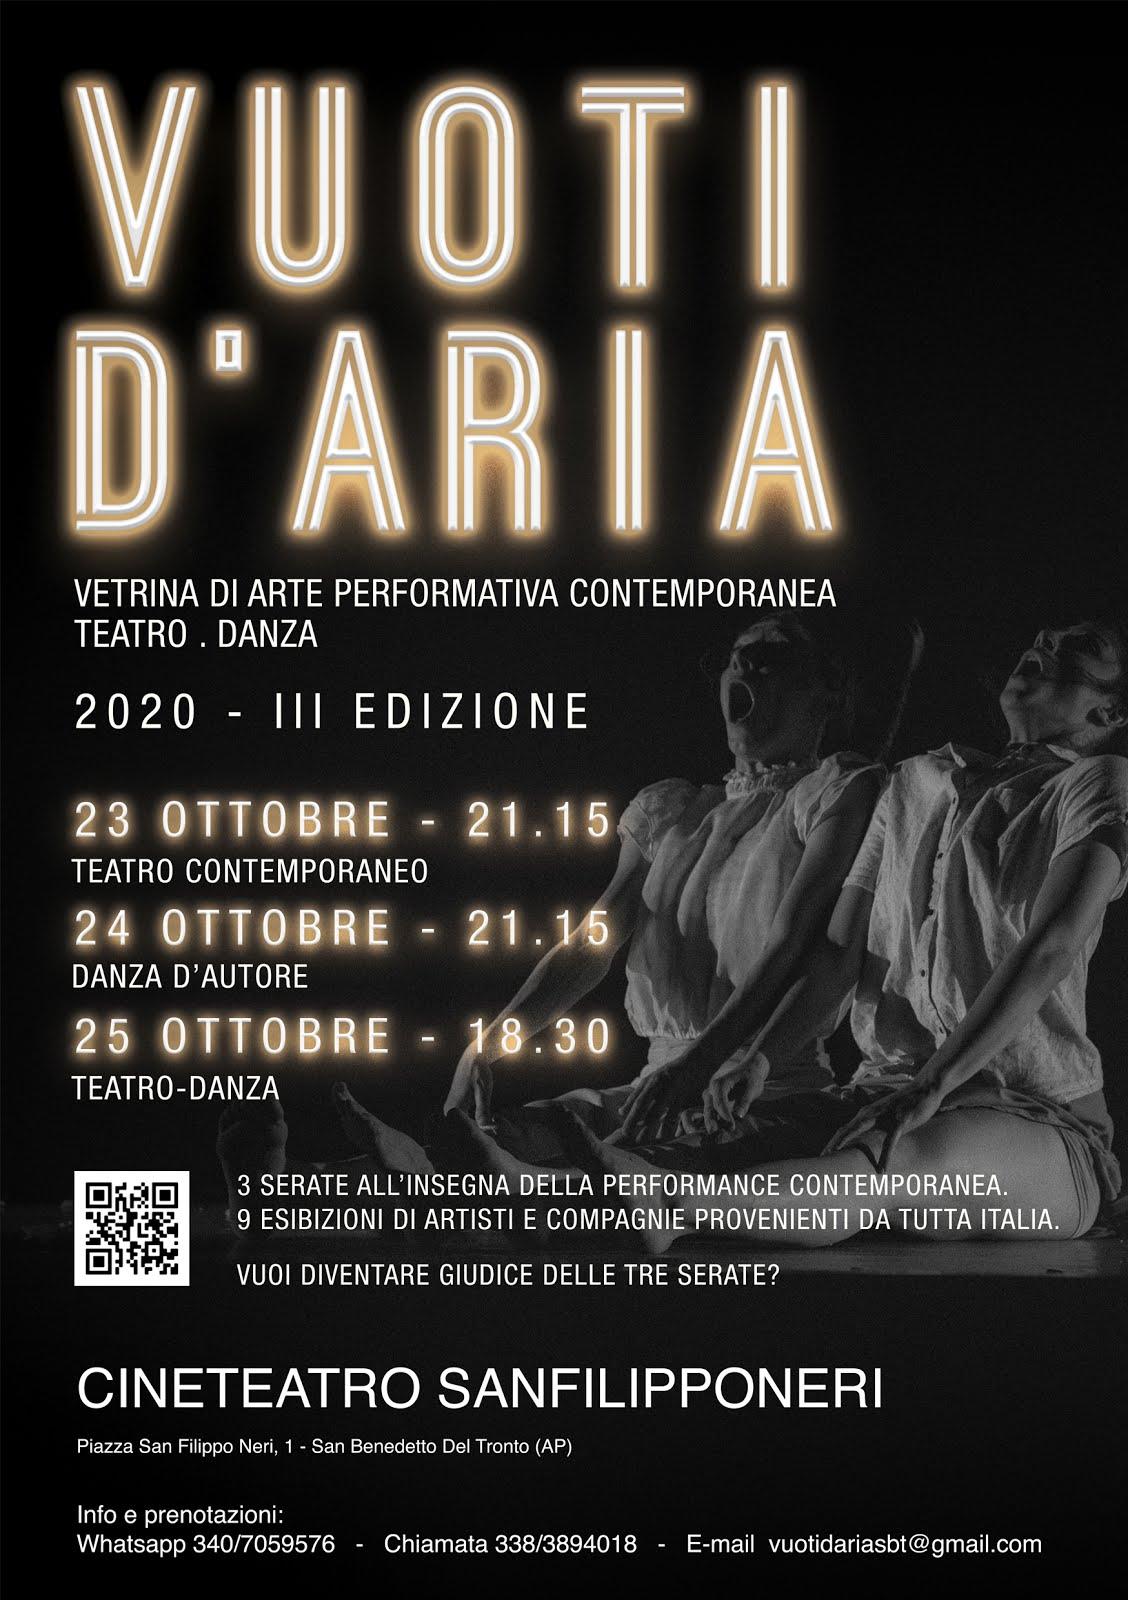 """""""VUOTI D'ARIA"""" VETRINA DI ARTE  PERFORMATIVA CONTEMPORANEA"""